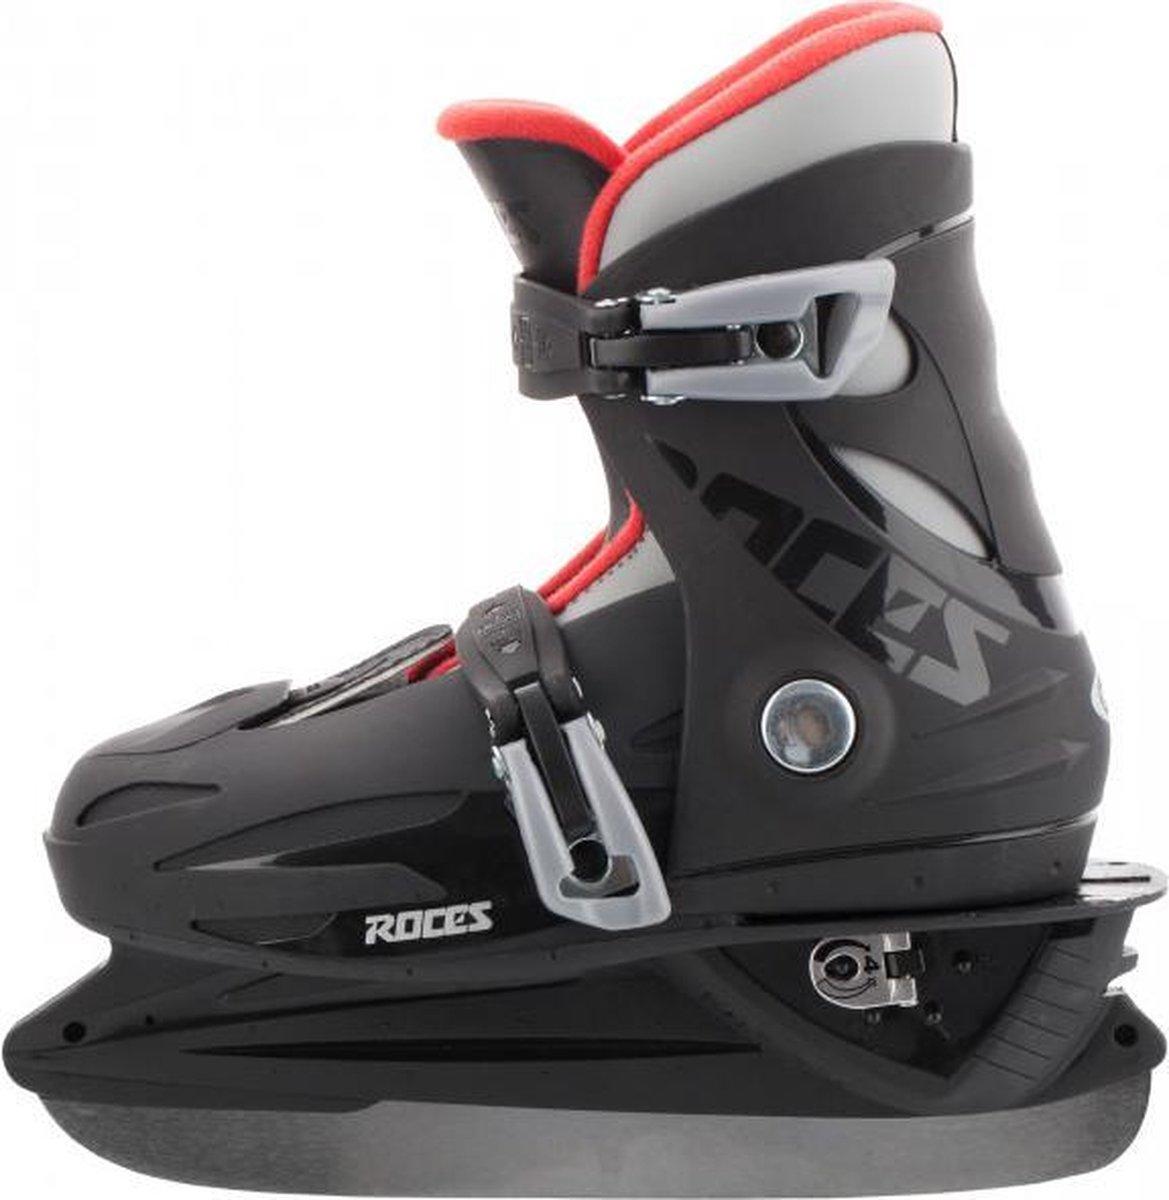 Roces MCK ll IJshockeyschaats Jr - Verstelbaar - Maat 25-28 - Zwart